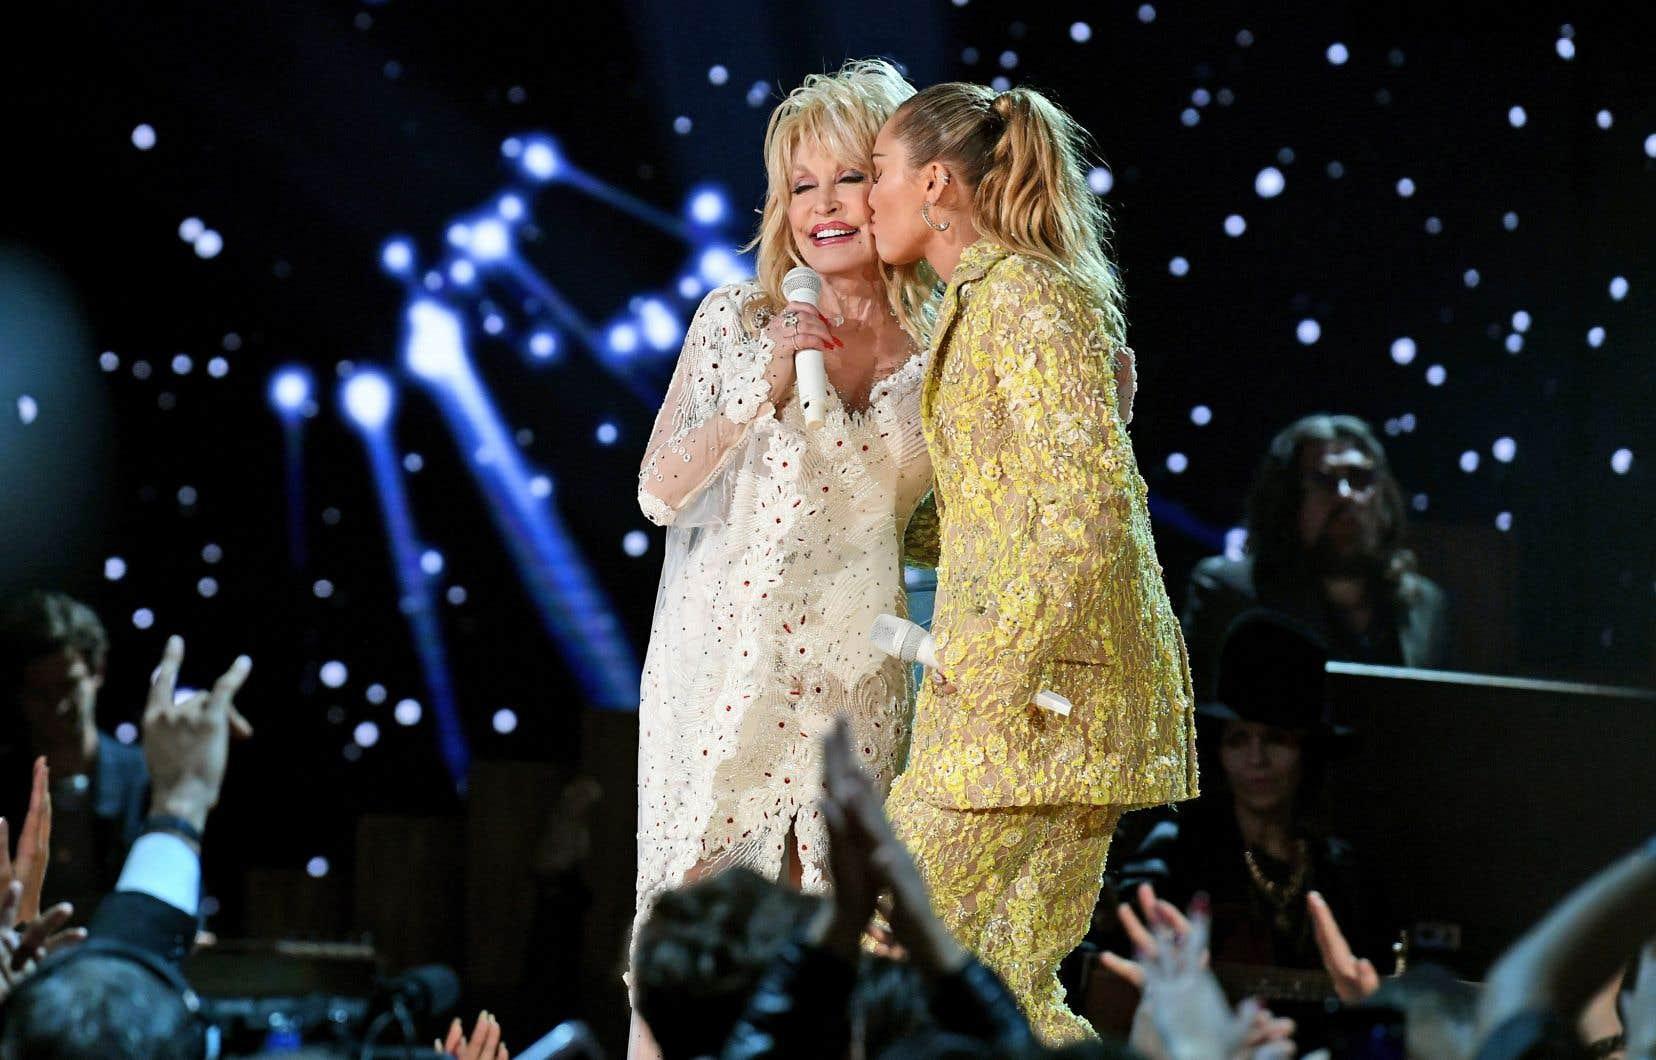 <p>La chanteuse américaine Dolly Parton — dont la carrière a été soulignée au cours de la soirée — a interprété «Jolene» en duo avec Miley Cyrus.</p>